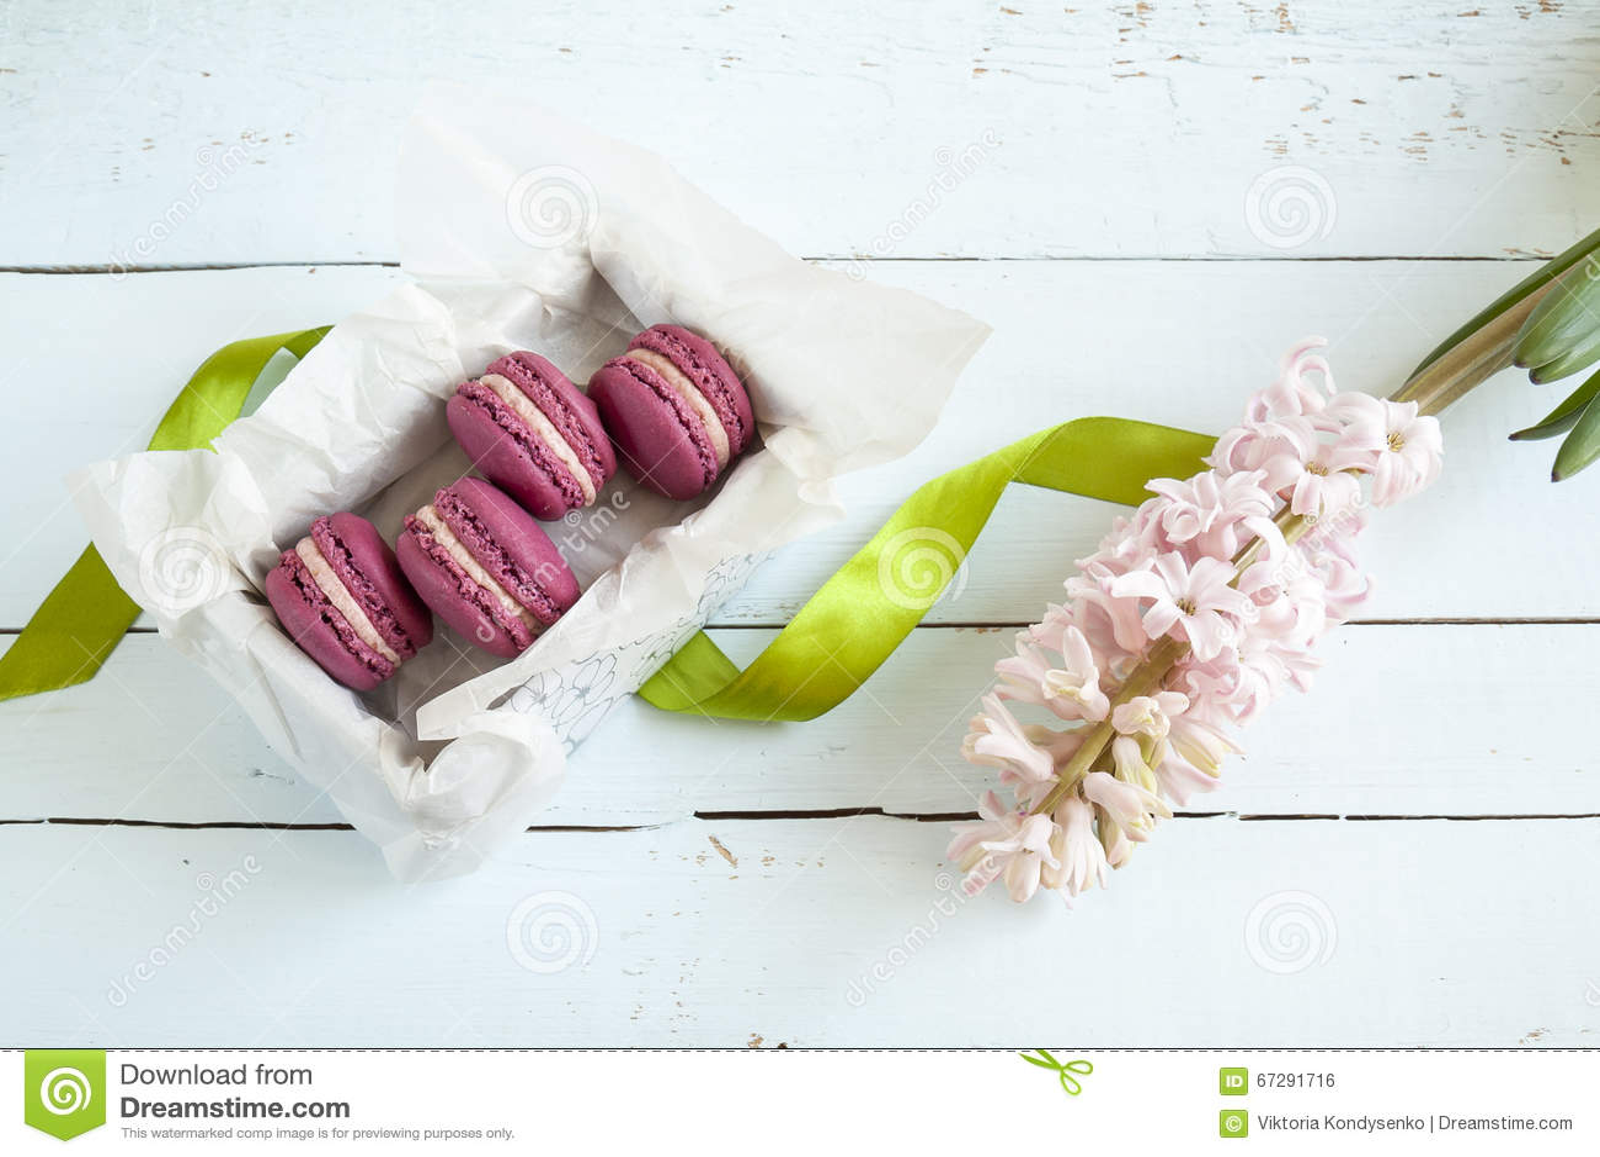 Süße hochrote französische Makronen mit Kasten und Hyazinthe auf Licht färbten hölzernen Hintergrund